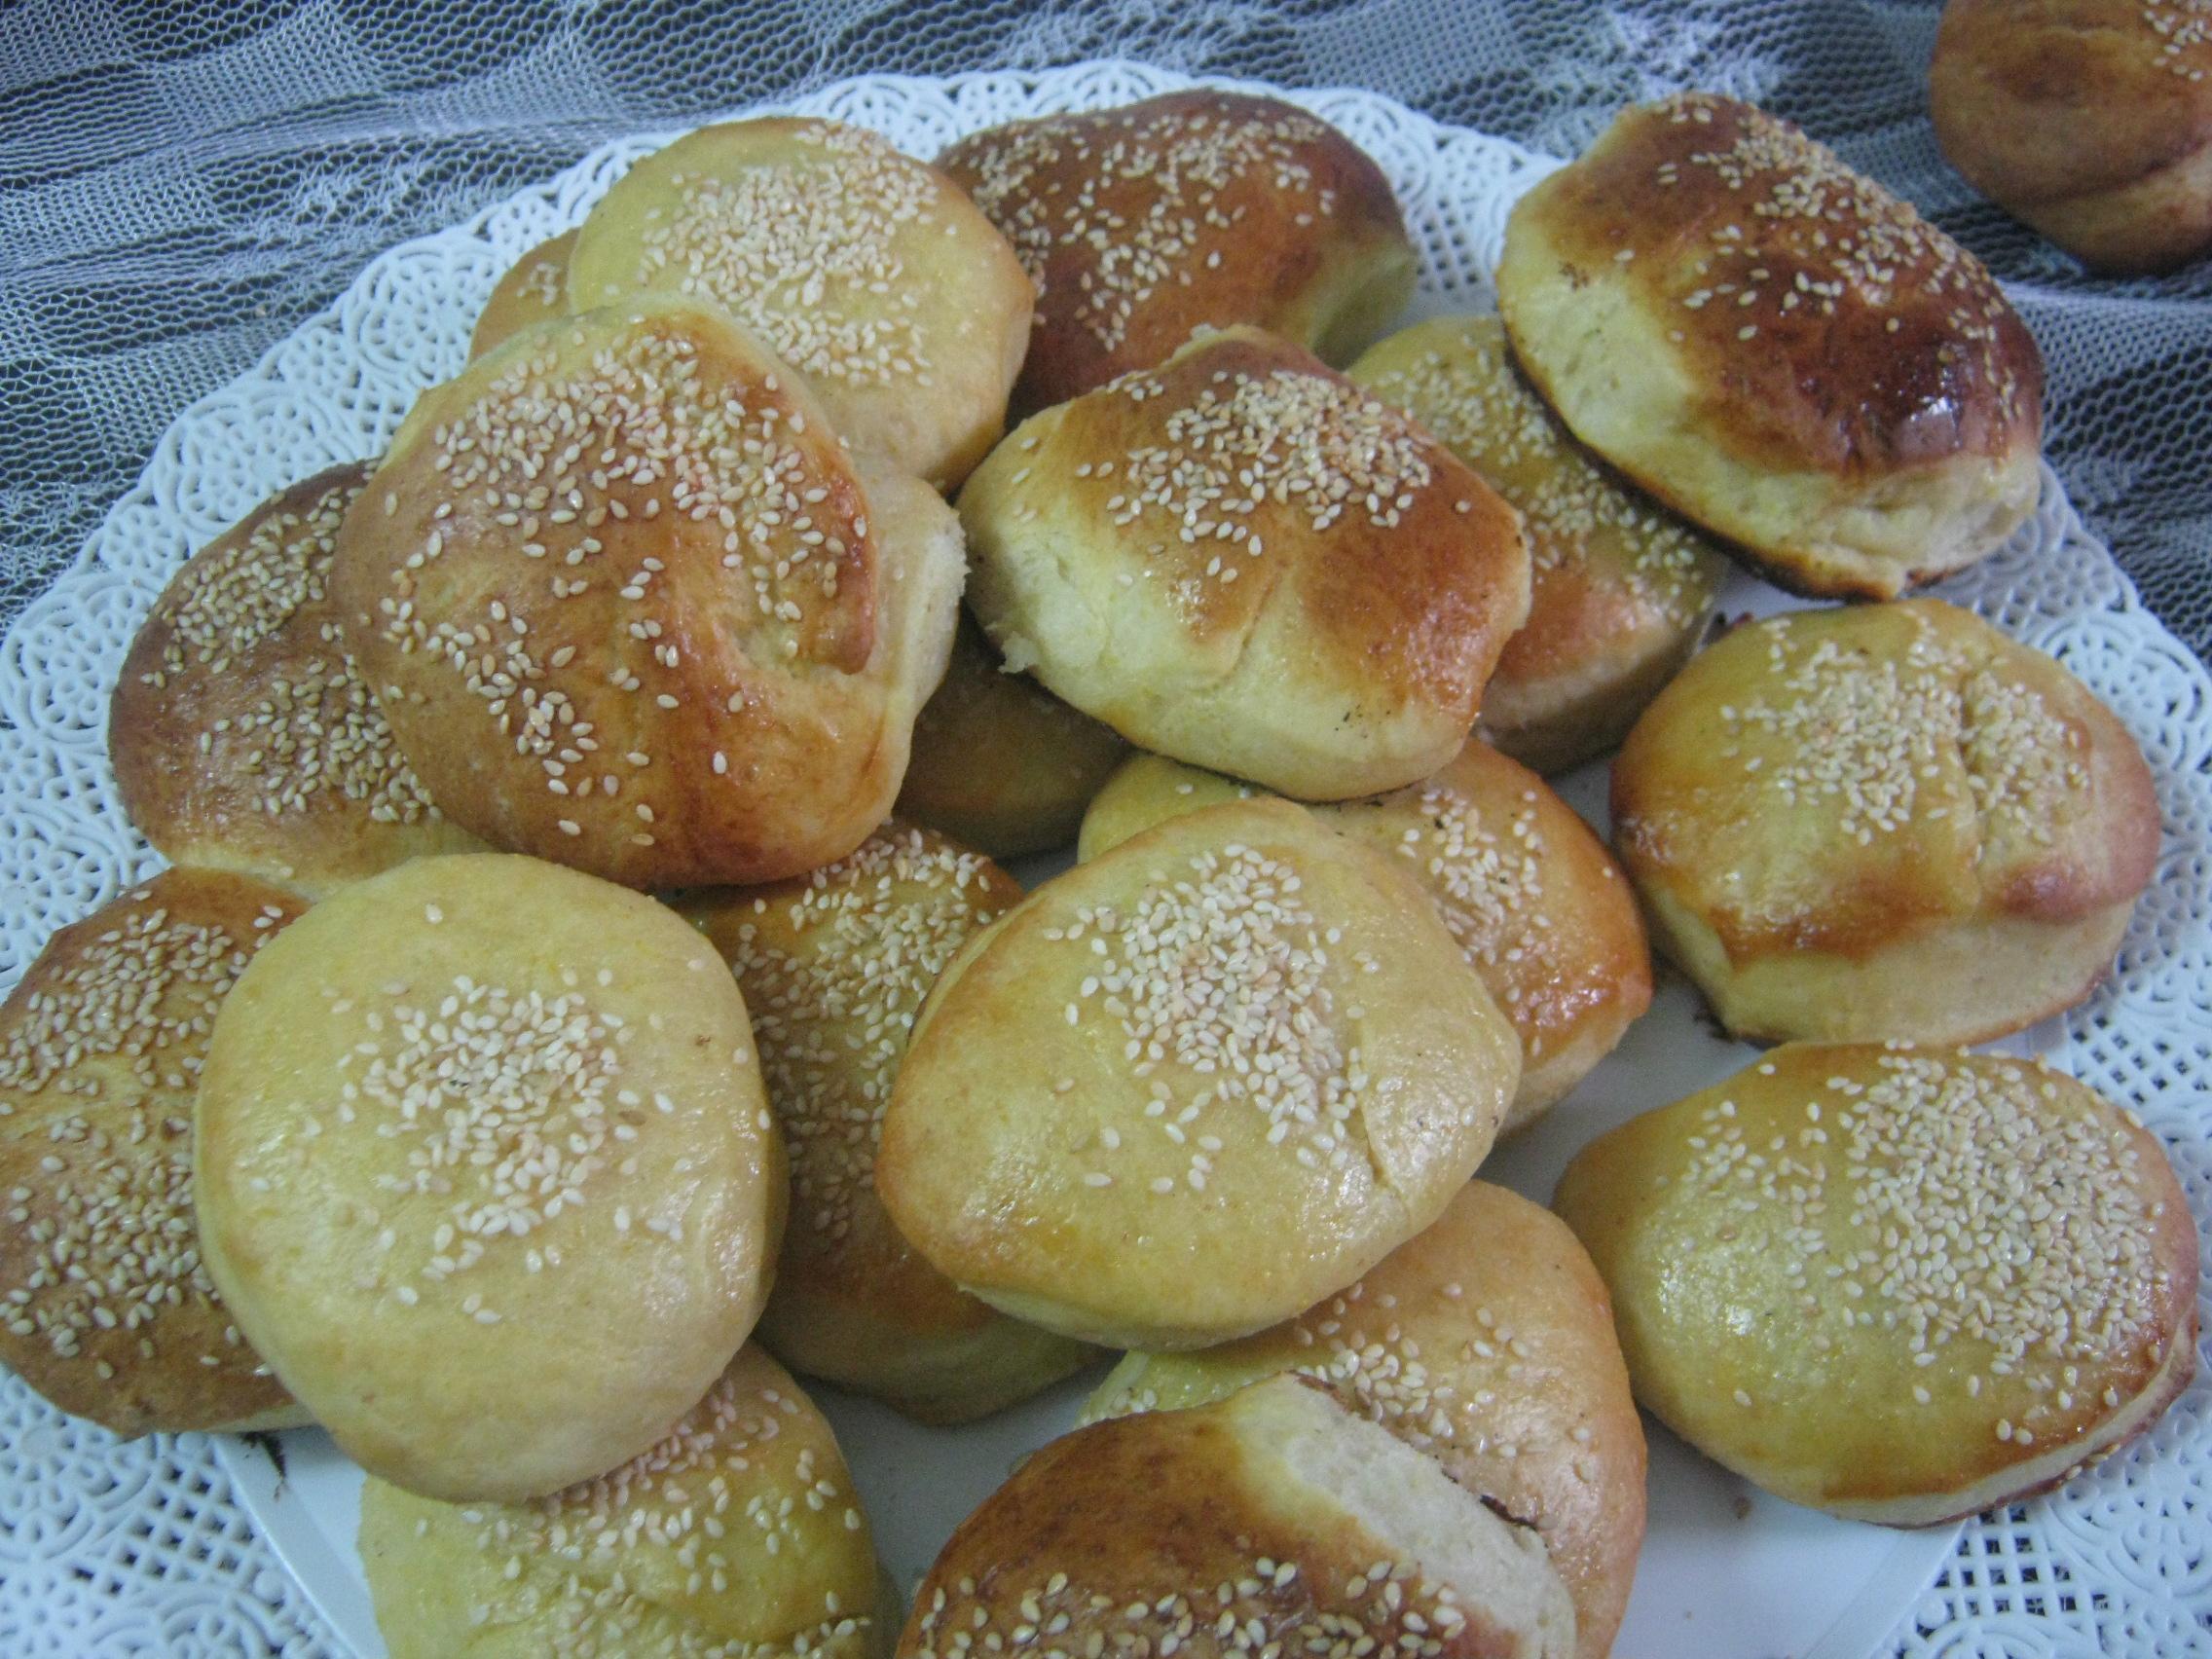 Panes caseros sin sal con harina integral albahaca y salvia